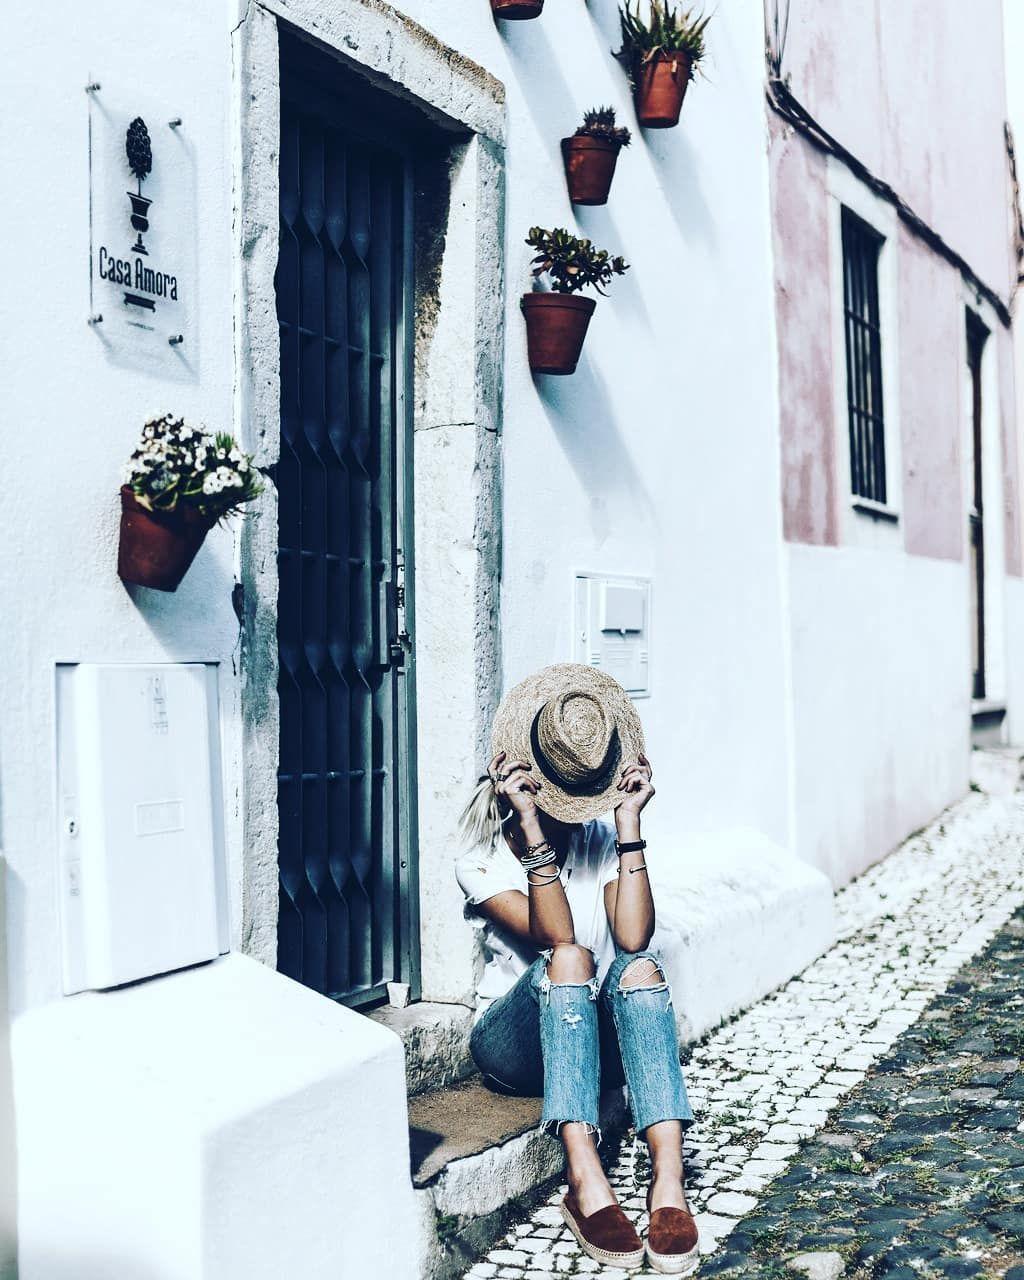 shawefashion  50% de desconto - código  FABI50 #CoisasDeFabi🌻 #gratidão💕 #vegan🌲💕 #artedeamar💓🙇 #simplesassim🌹 #bebê🐩 #Jesus #amor #vida #livre #fé #crer #paz #luz #bíblia #moda👗👜 #despojada #casual #moderna #classica #evangélica #chic #beach #bohemian #boho #gypsy #blog #vintage2019